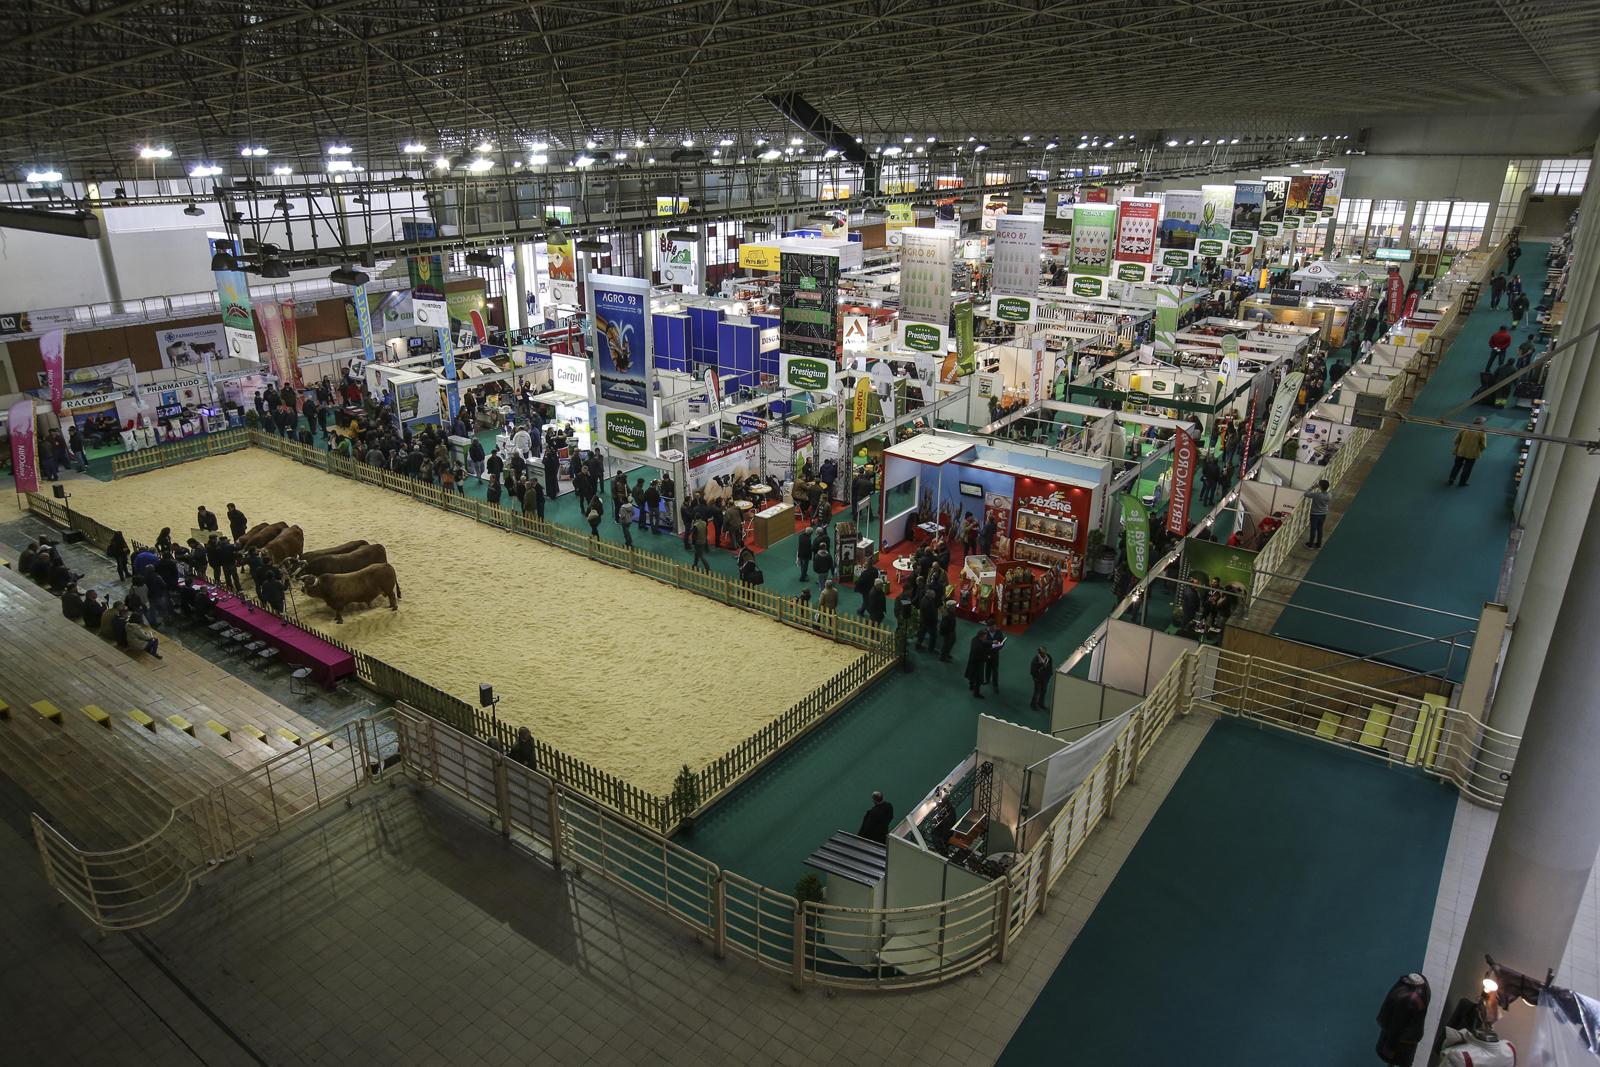 A Feira Internacional de Agricultura, Pecuária e Alimentação (AGRO 2017) atraiu milhares de pessoas ao Parque de Exposições de Braga (PEB)